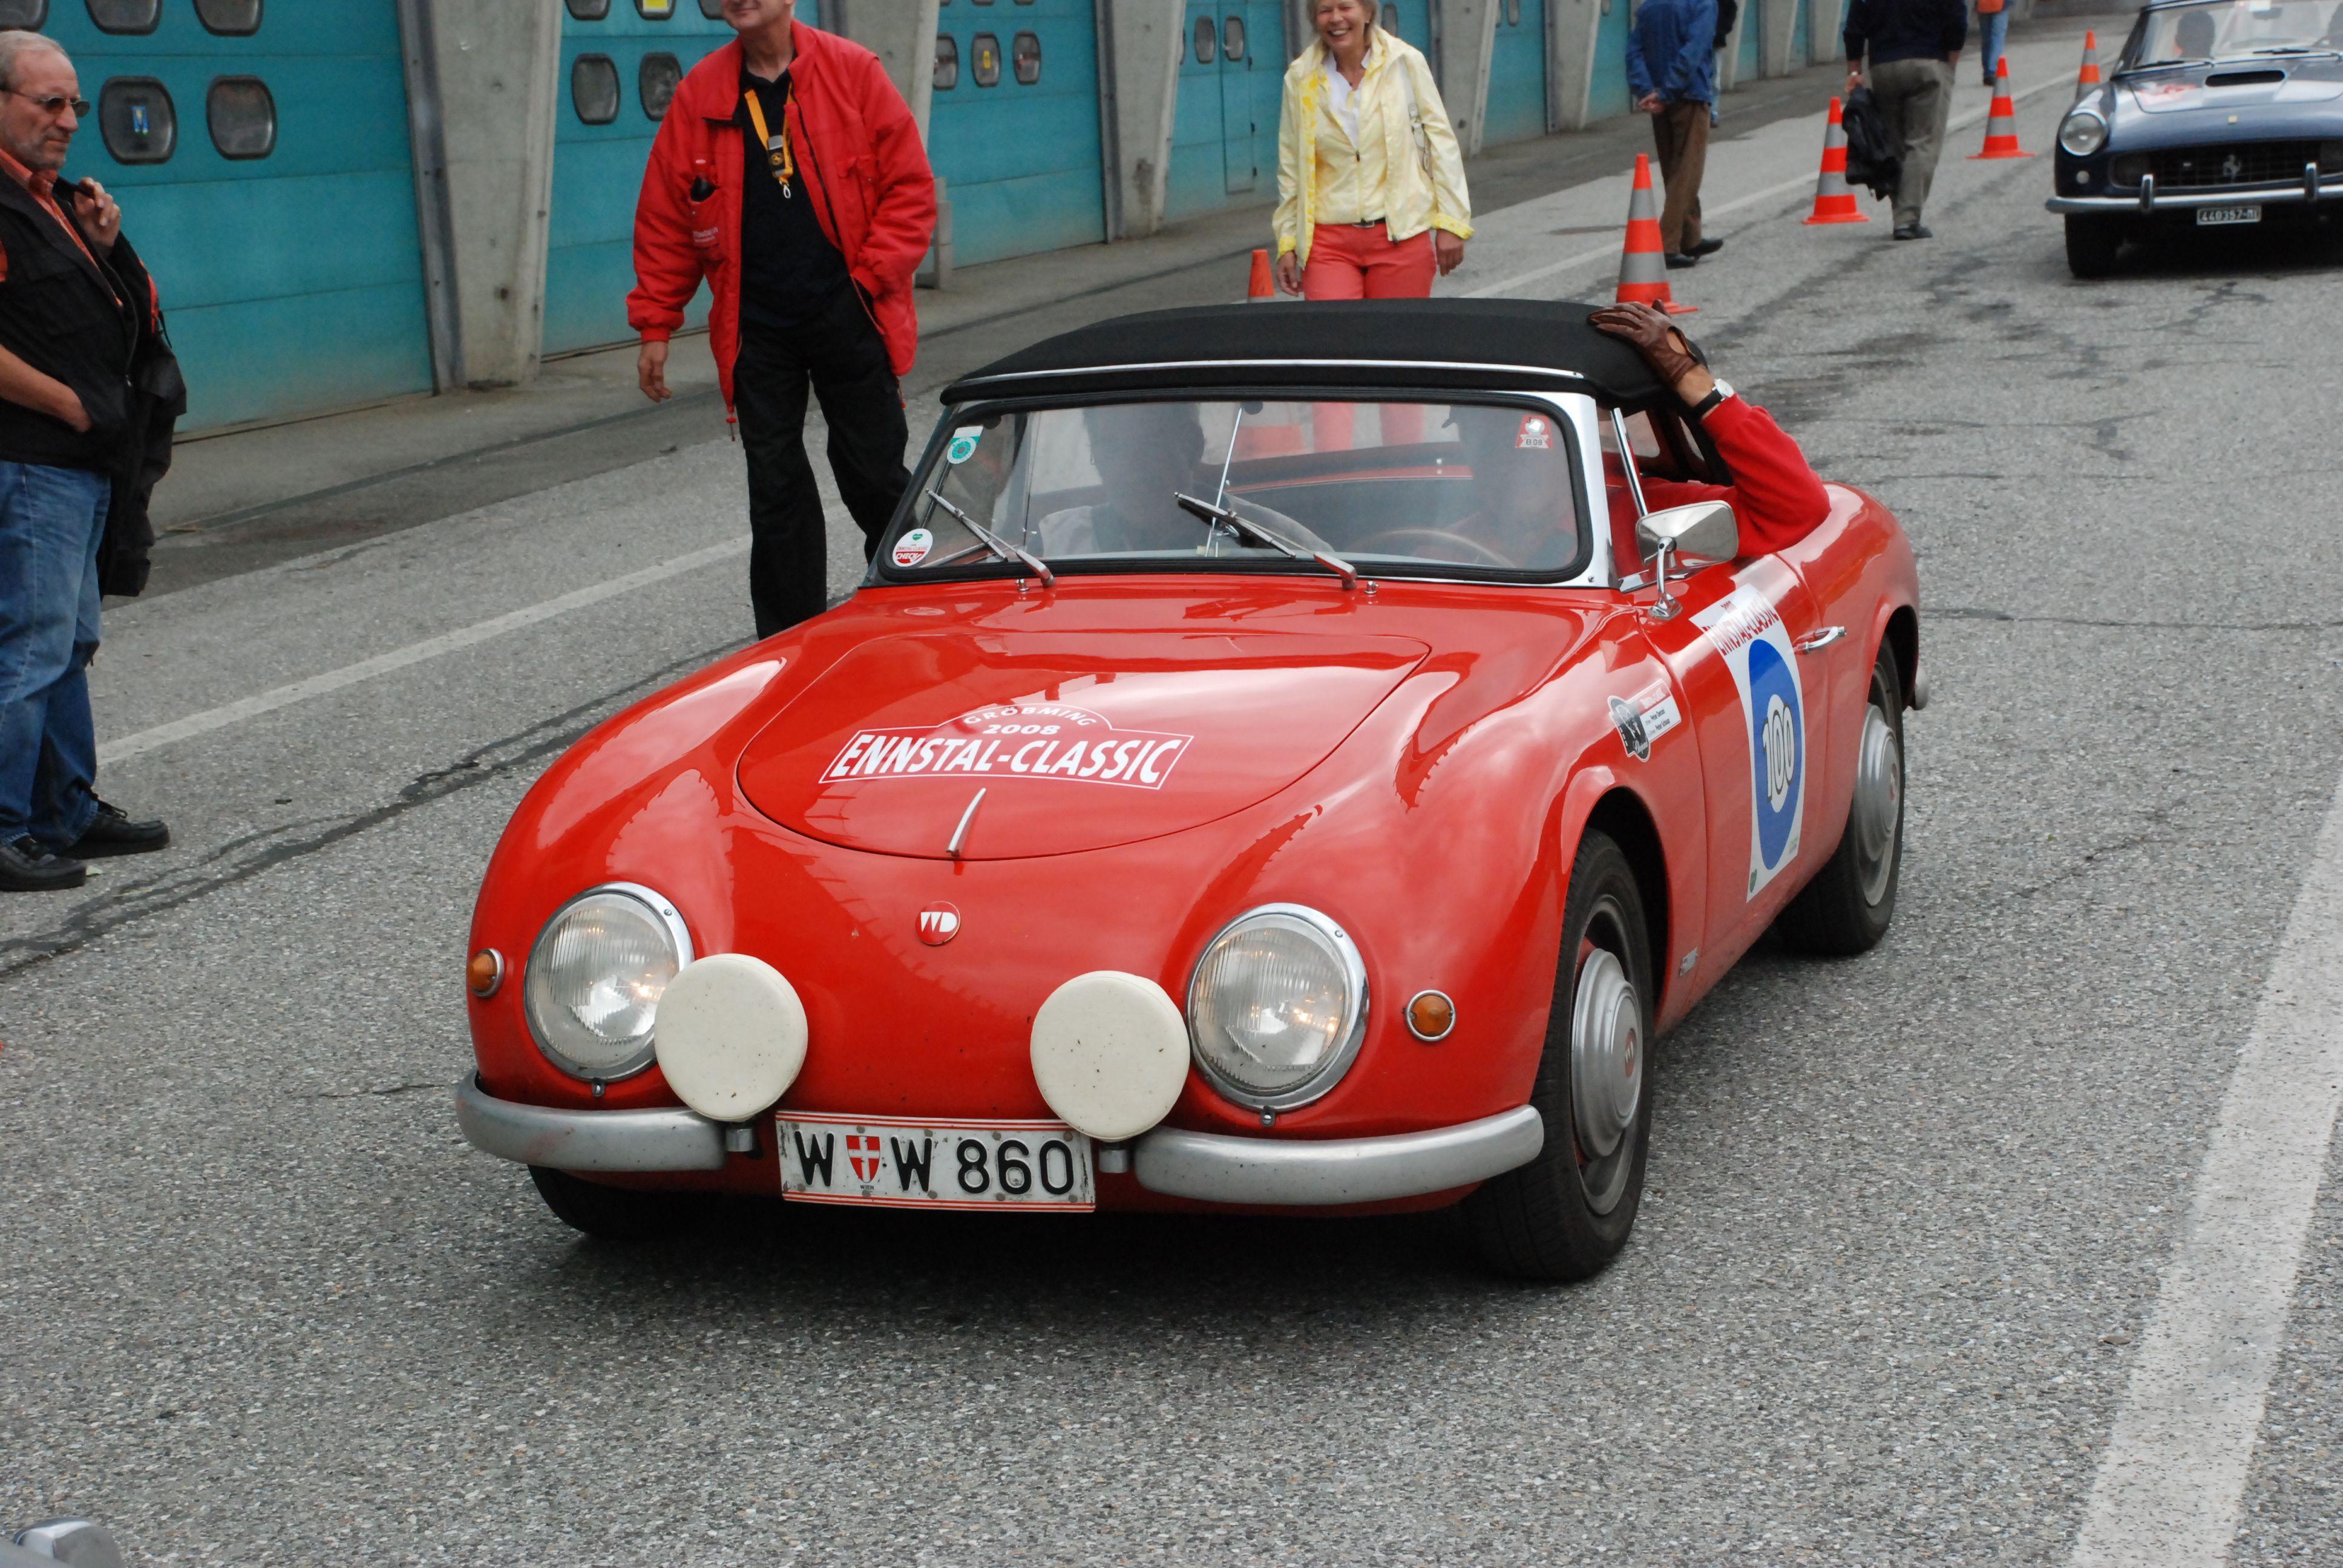 Denzel_1300S.JPG 3,872×2,592 pixels Not just a hot actor, but a way cool car!!!